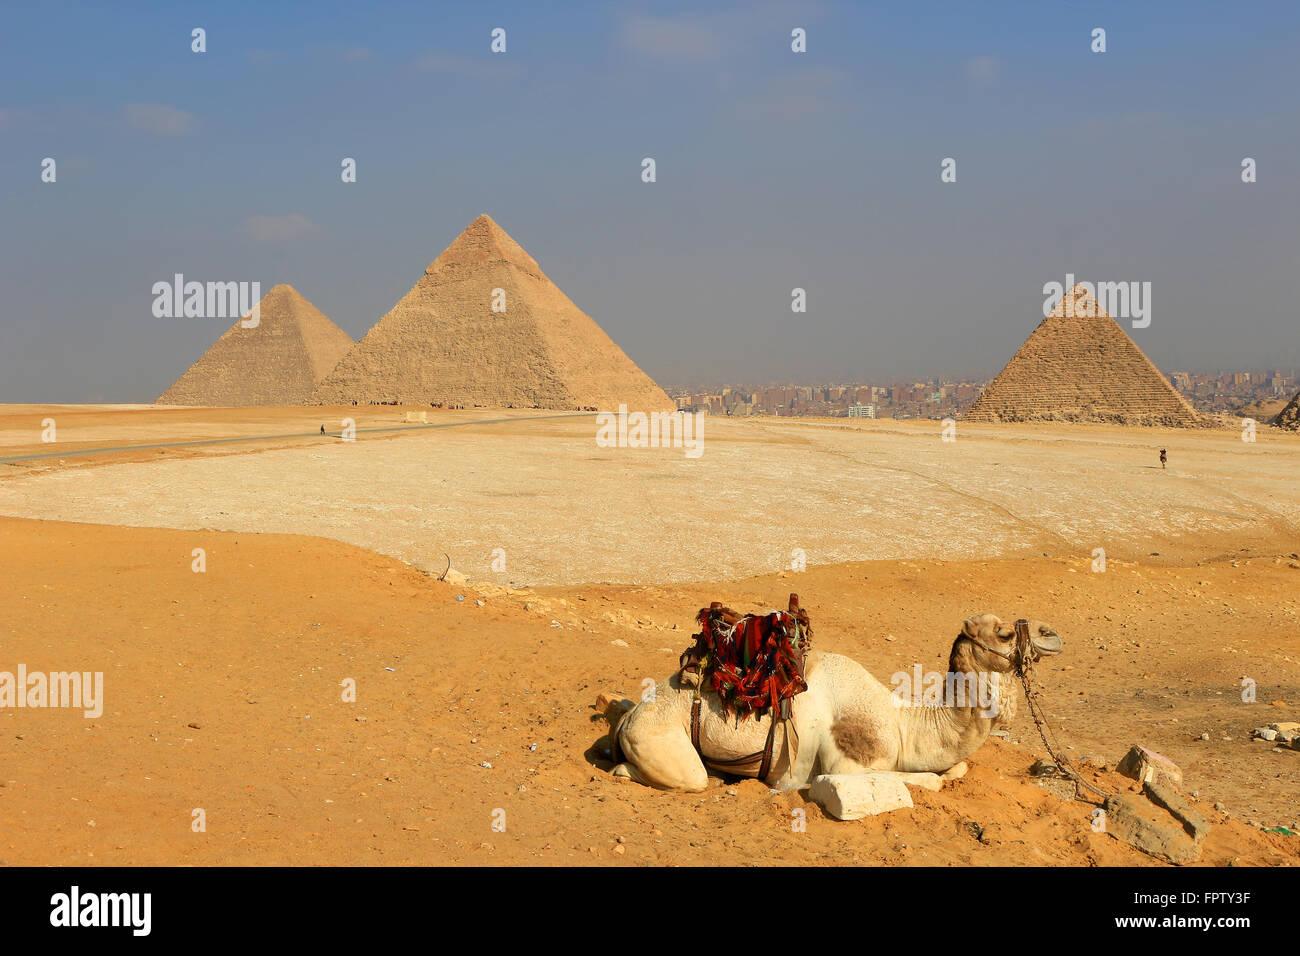 Kamel entspannend auf die Pyramiden von Gizeh, vom Menschen geschaffenen Strukturen aus dem alten Ägypten in Stockbild